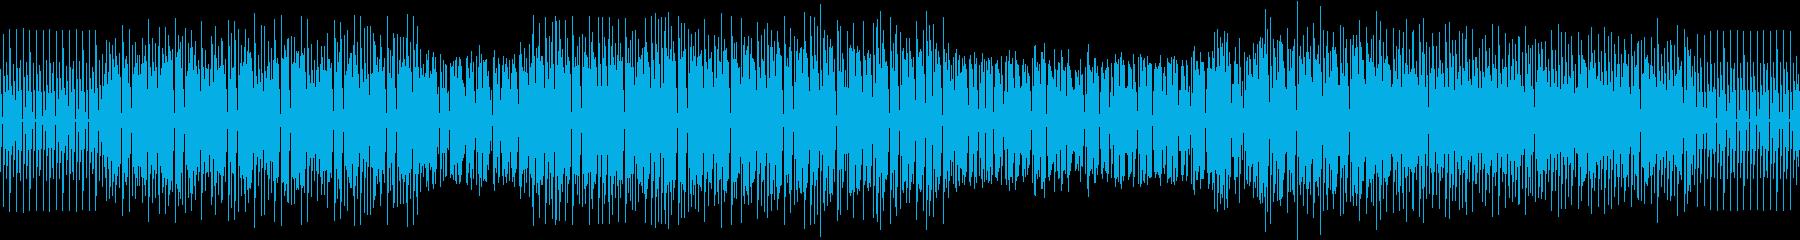 うねるシンセテクノ。LOOPできます。の再生済みの波形